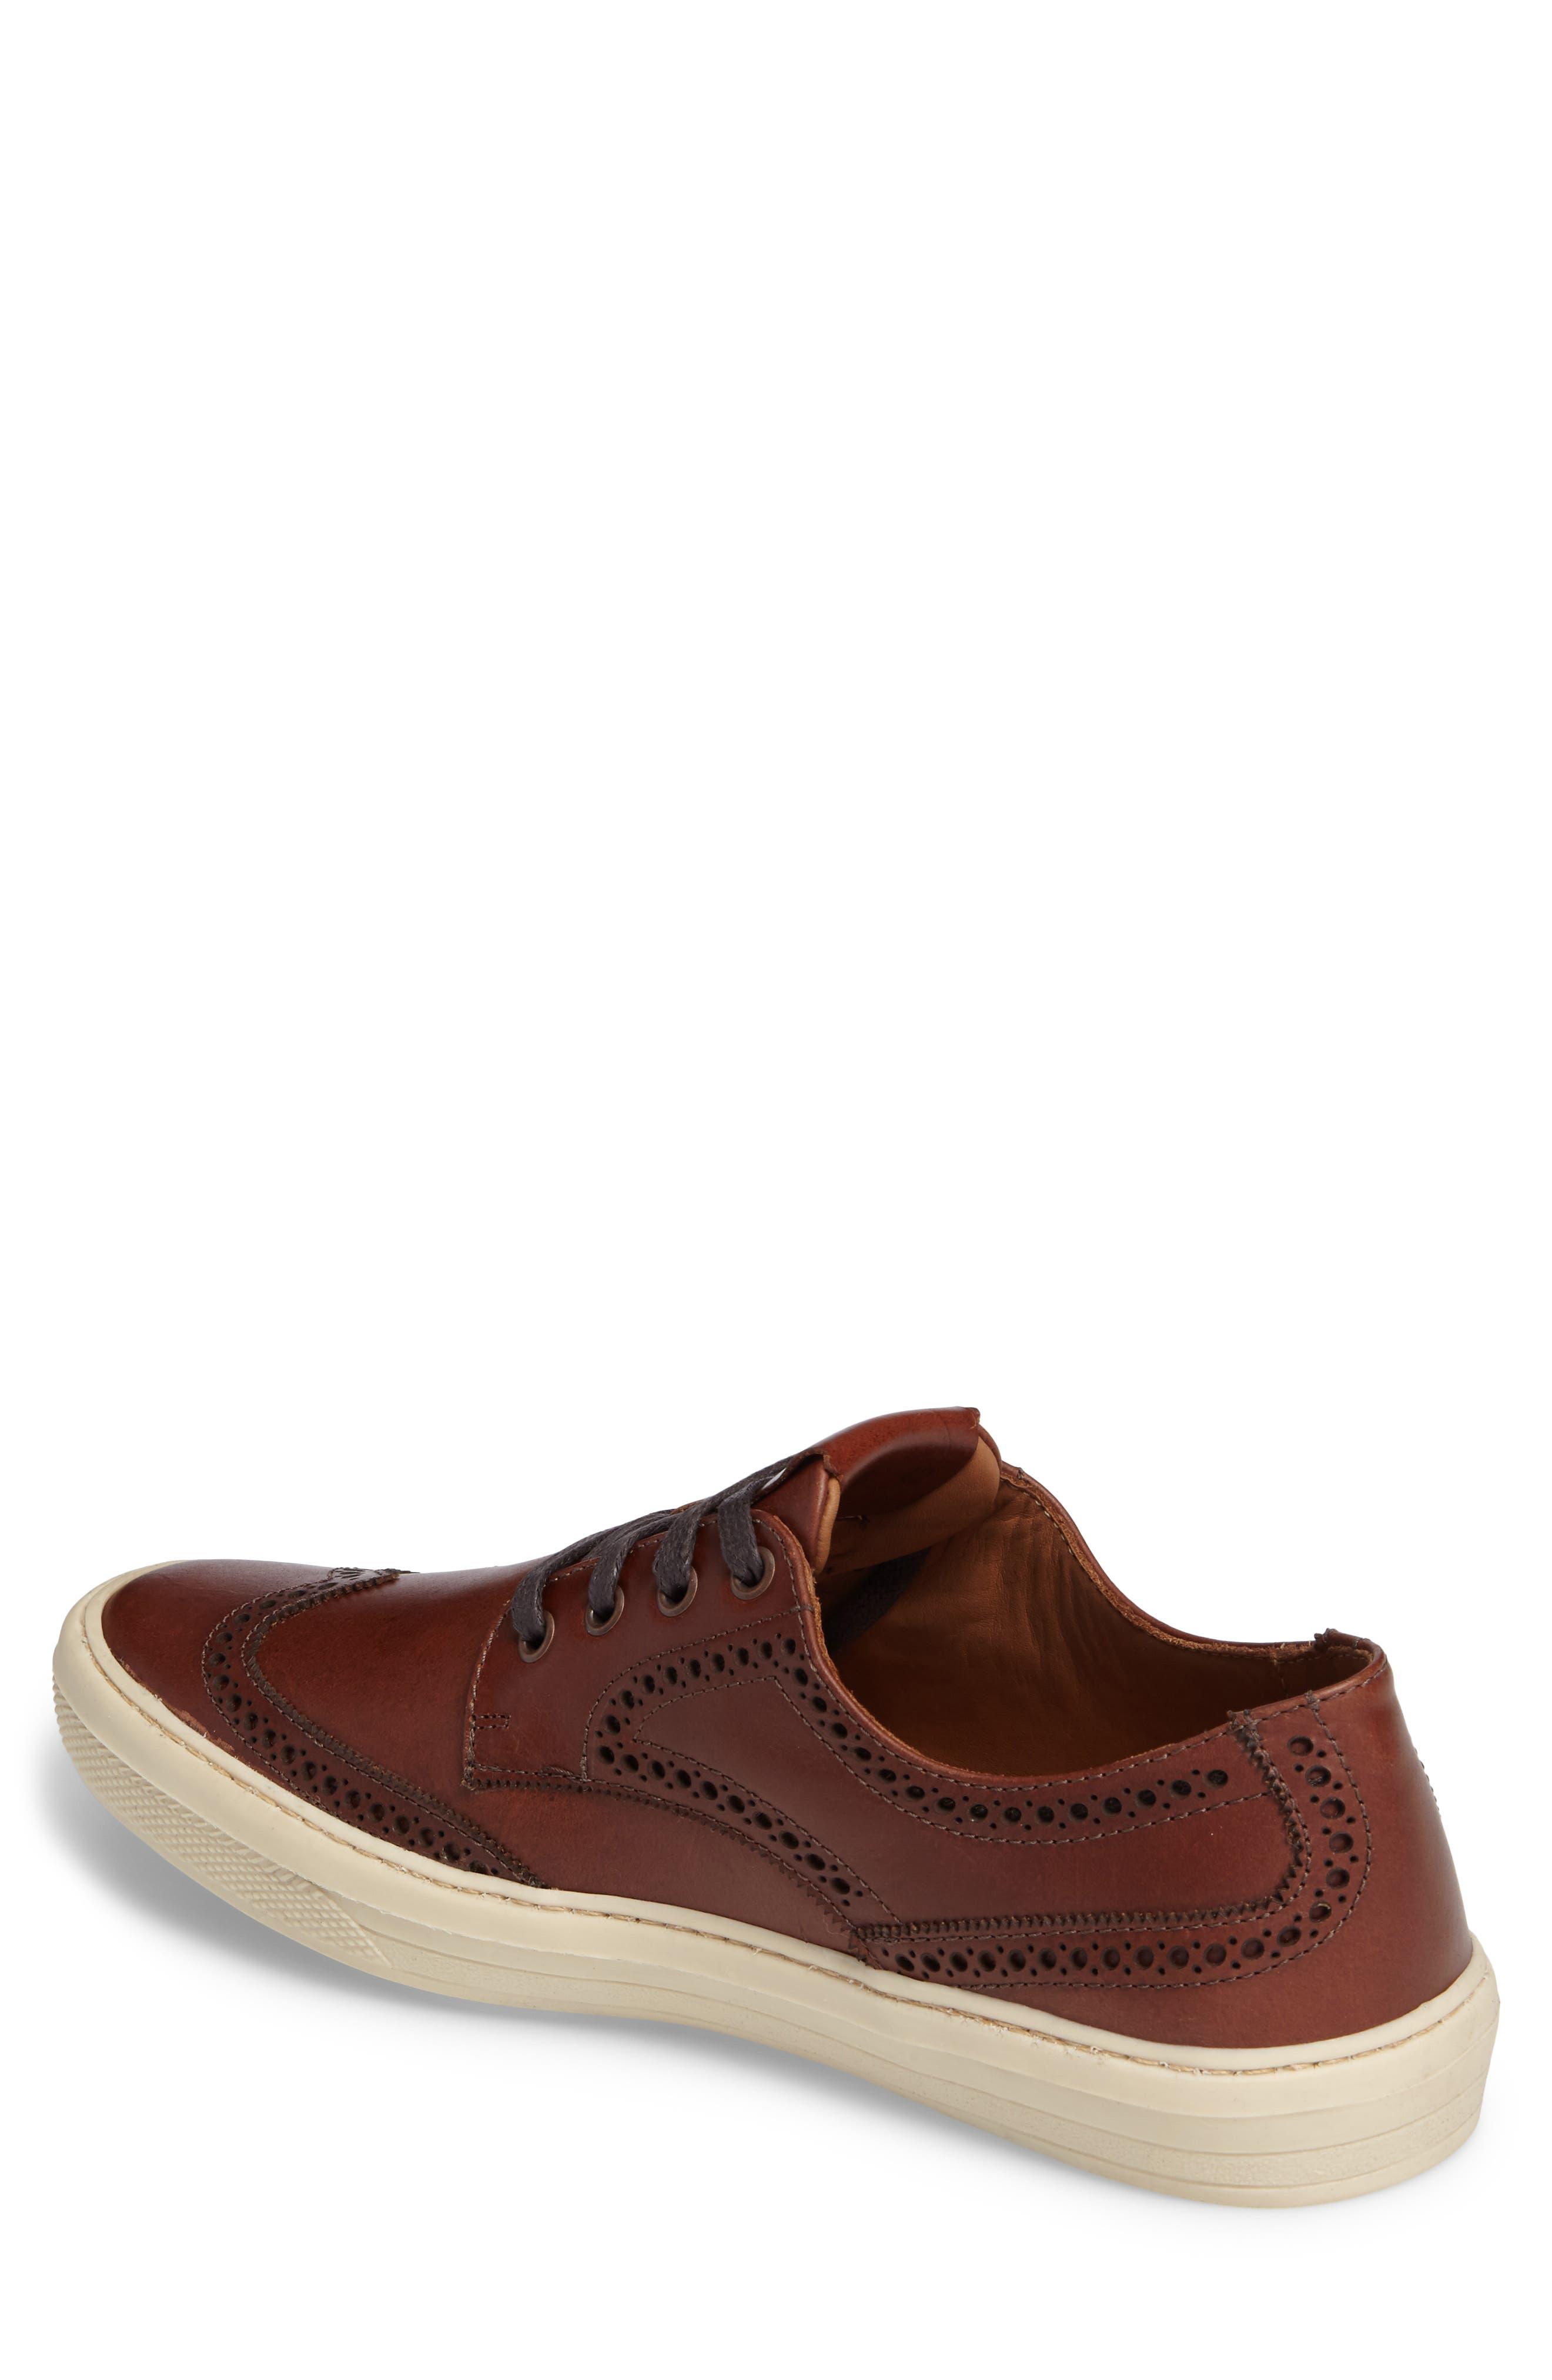 Bariri Wingtip Sneaker,                             Alternate thumbnail 2, color,                             200